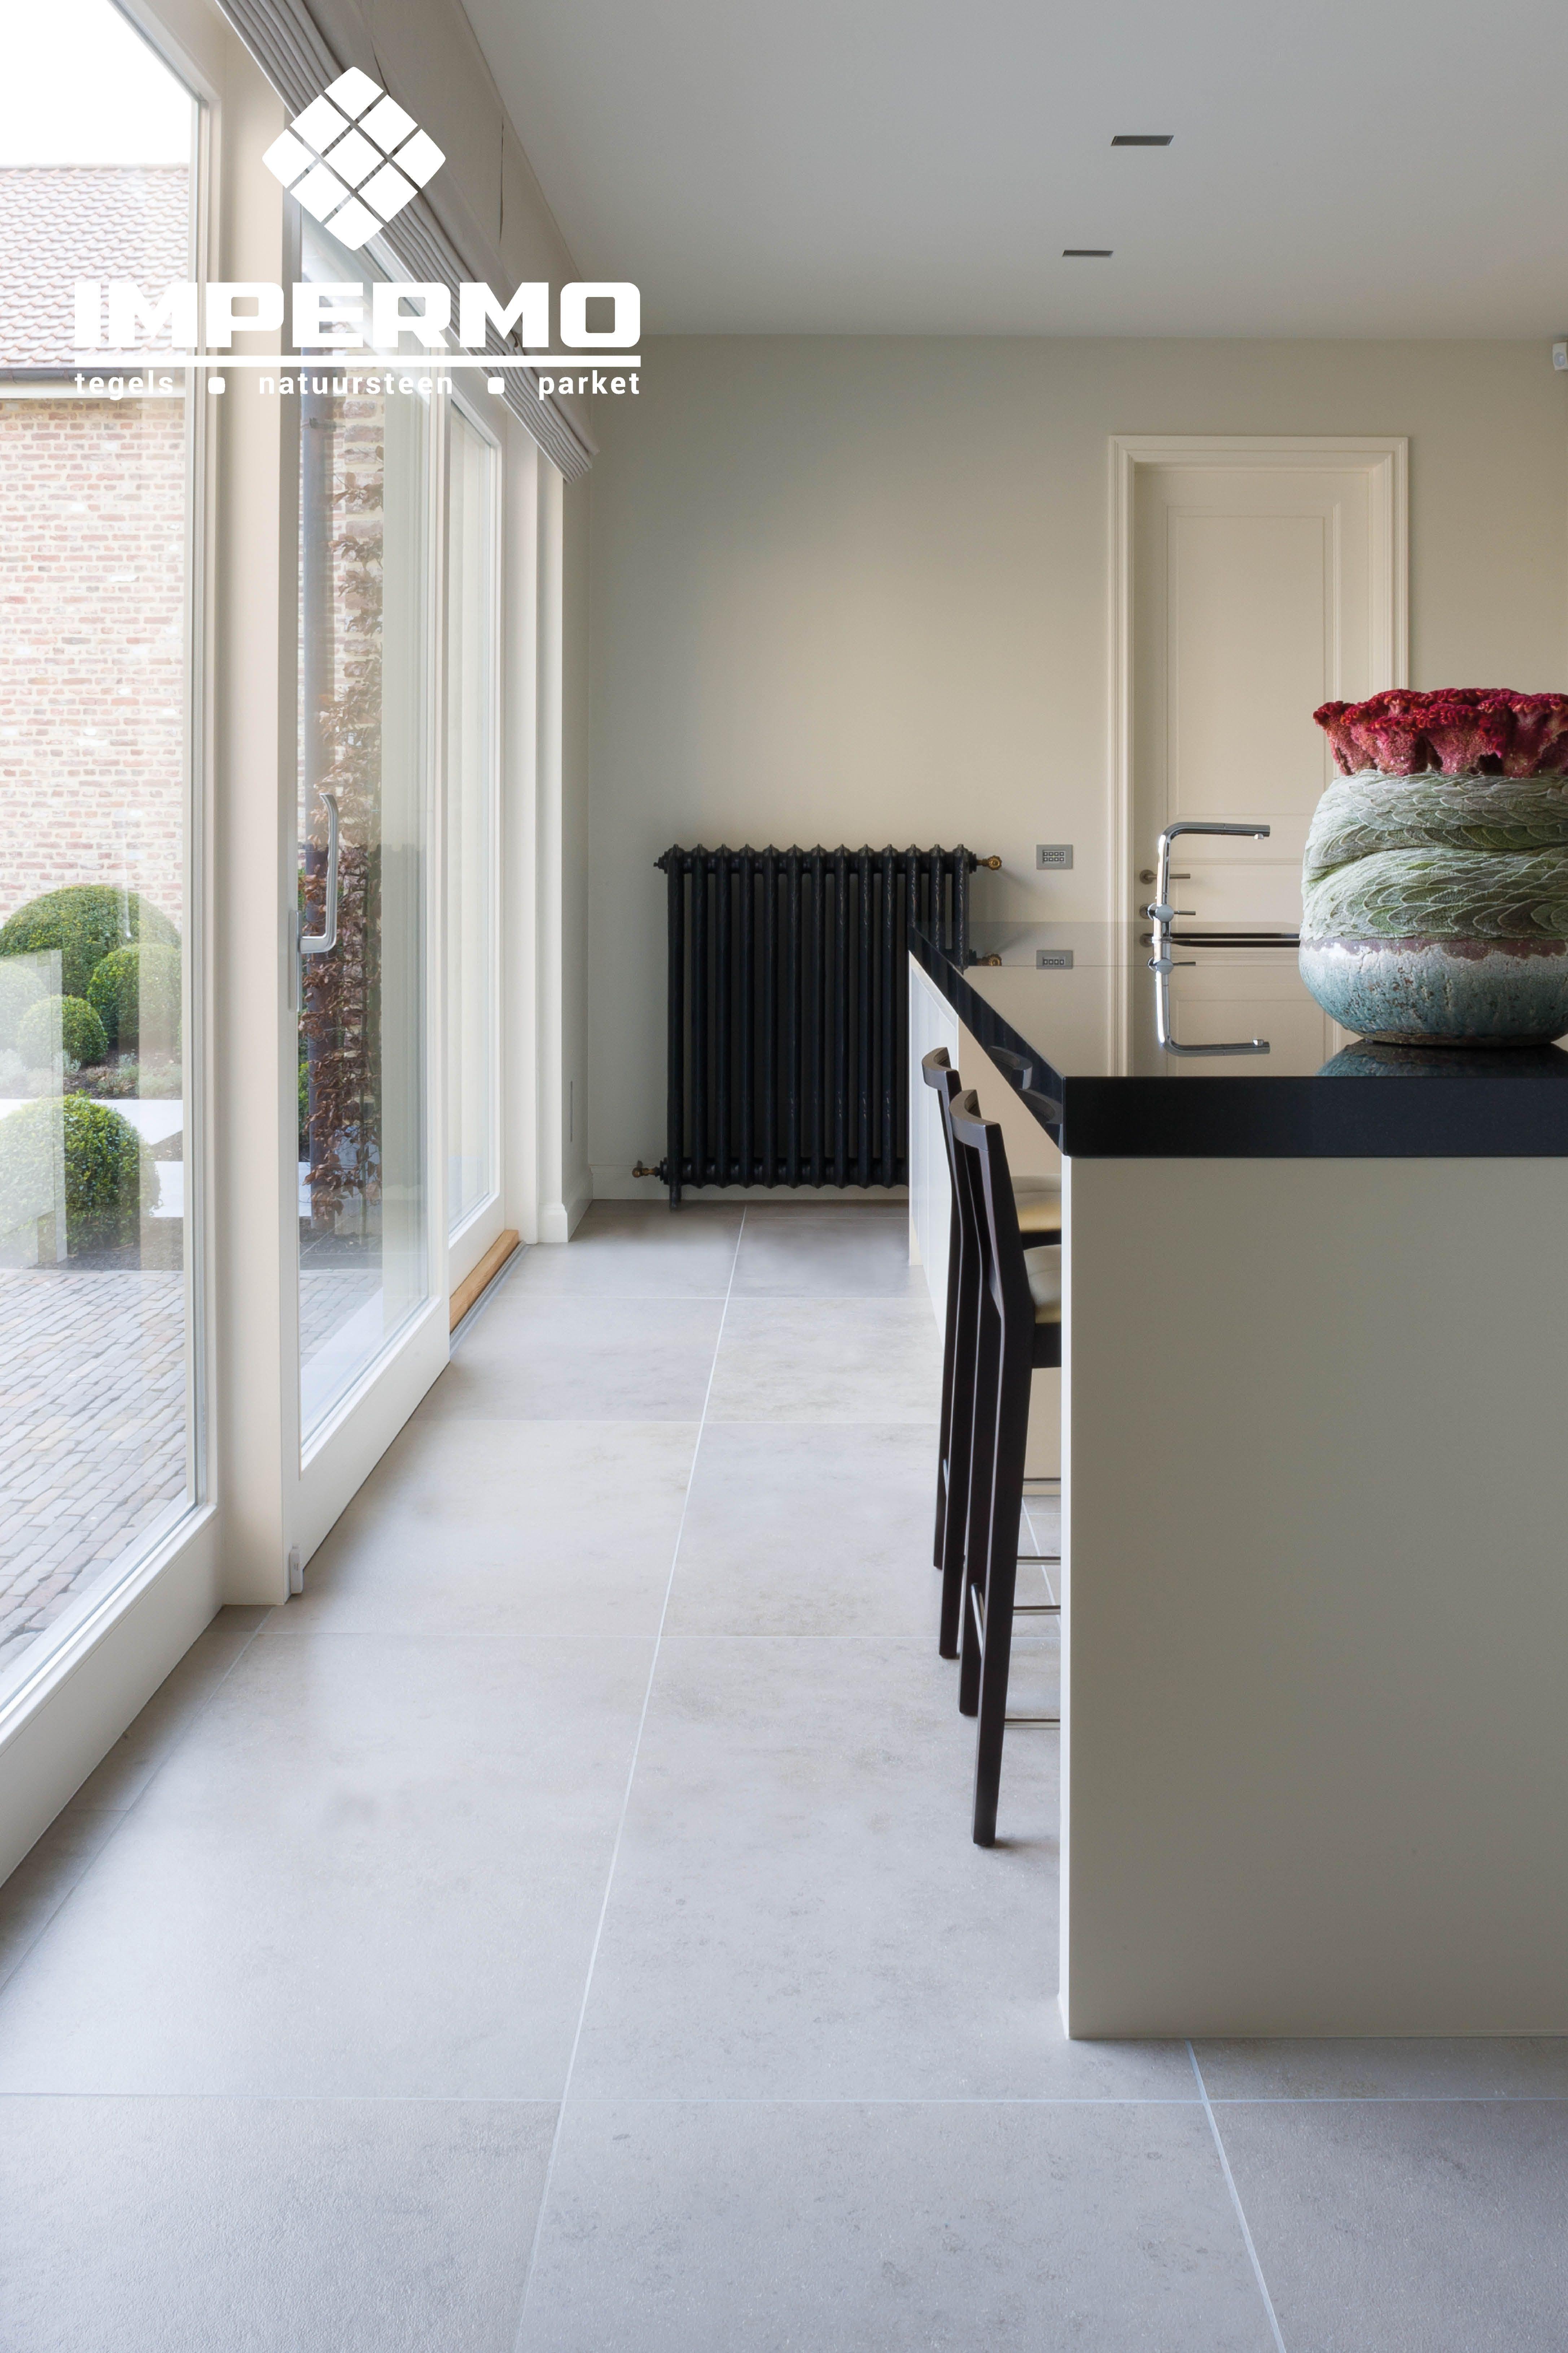 Volkeramische Vloertegel Betonlook In Een Keuken Through Body